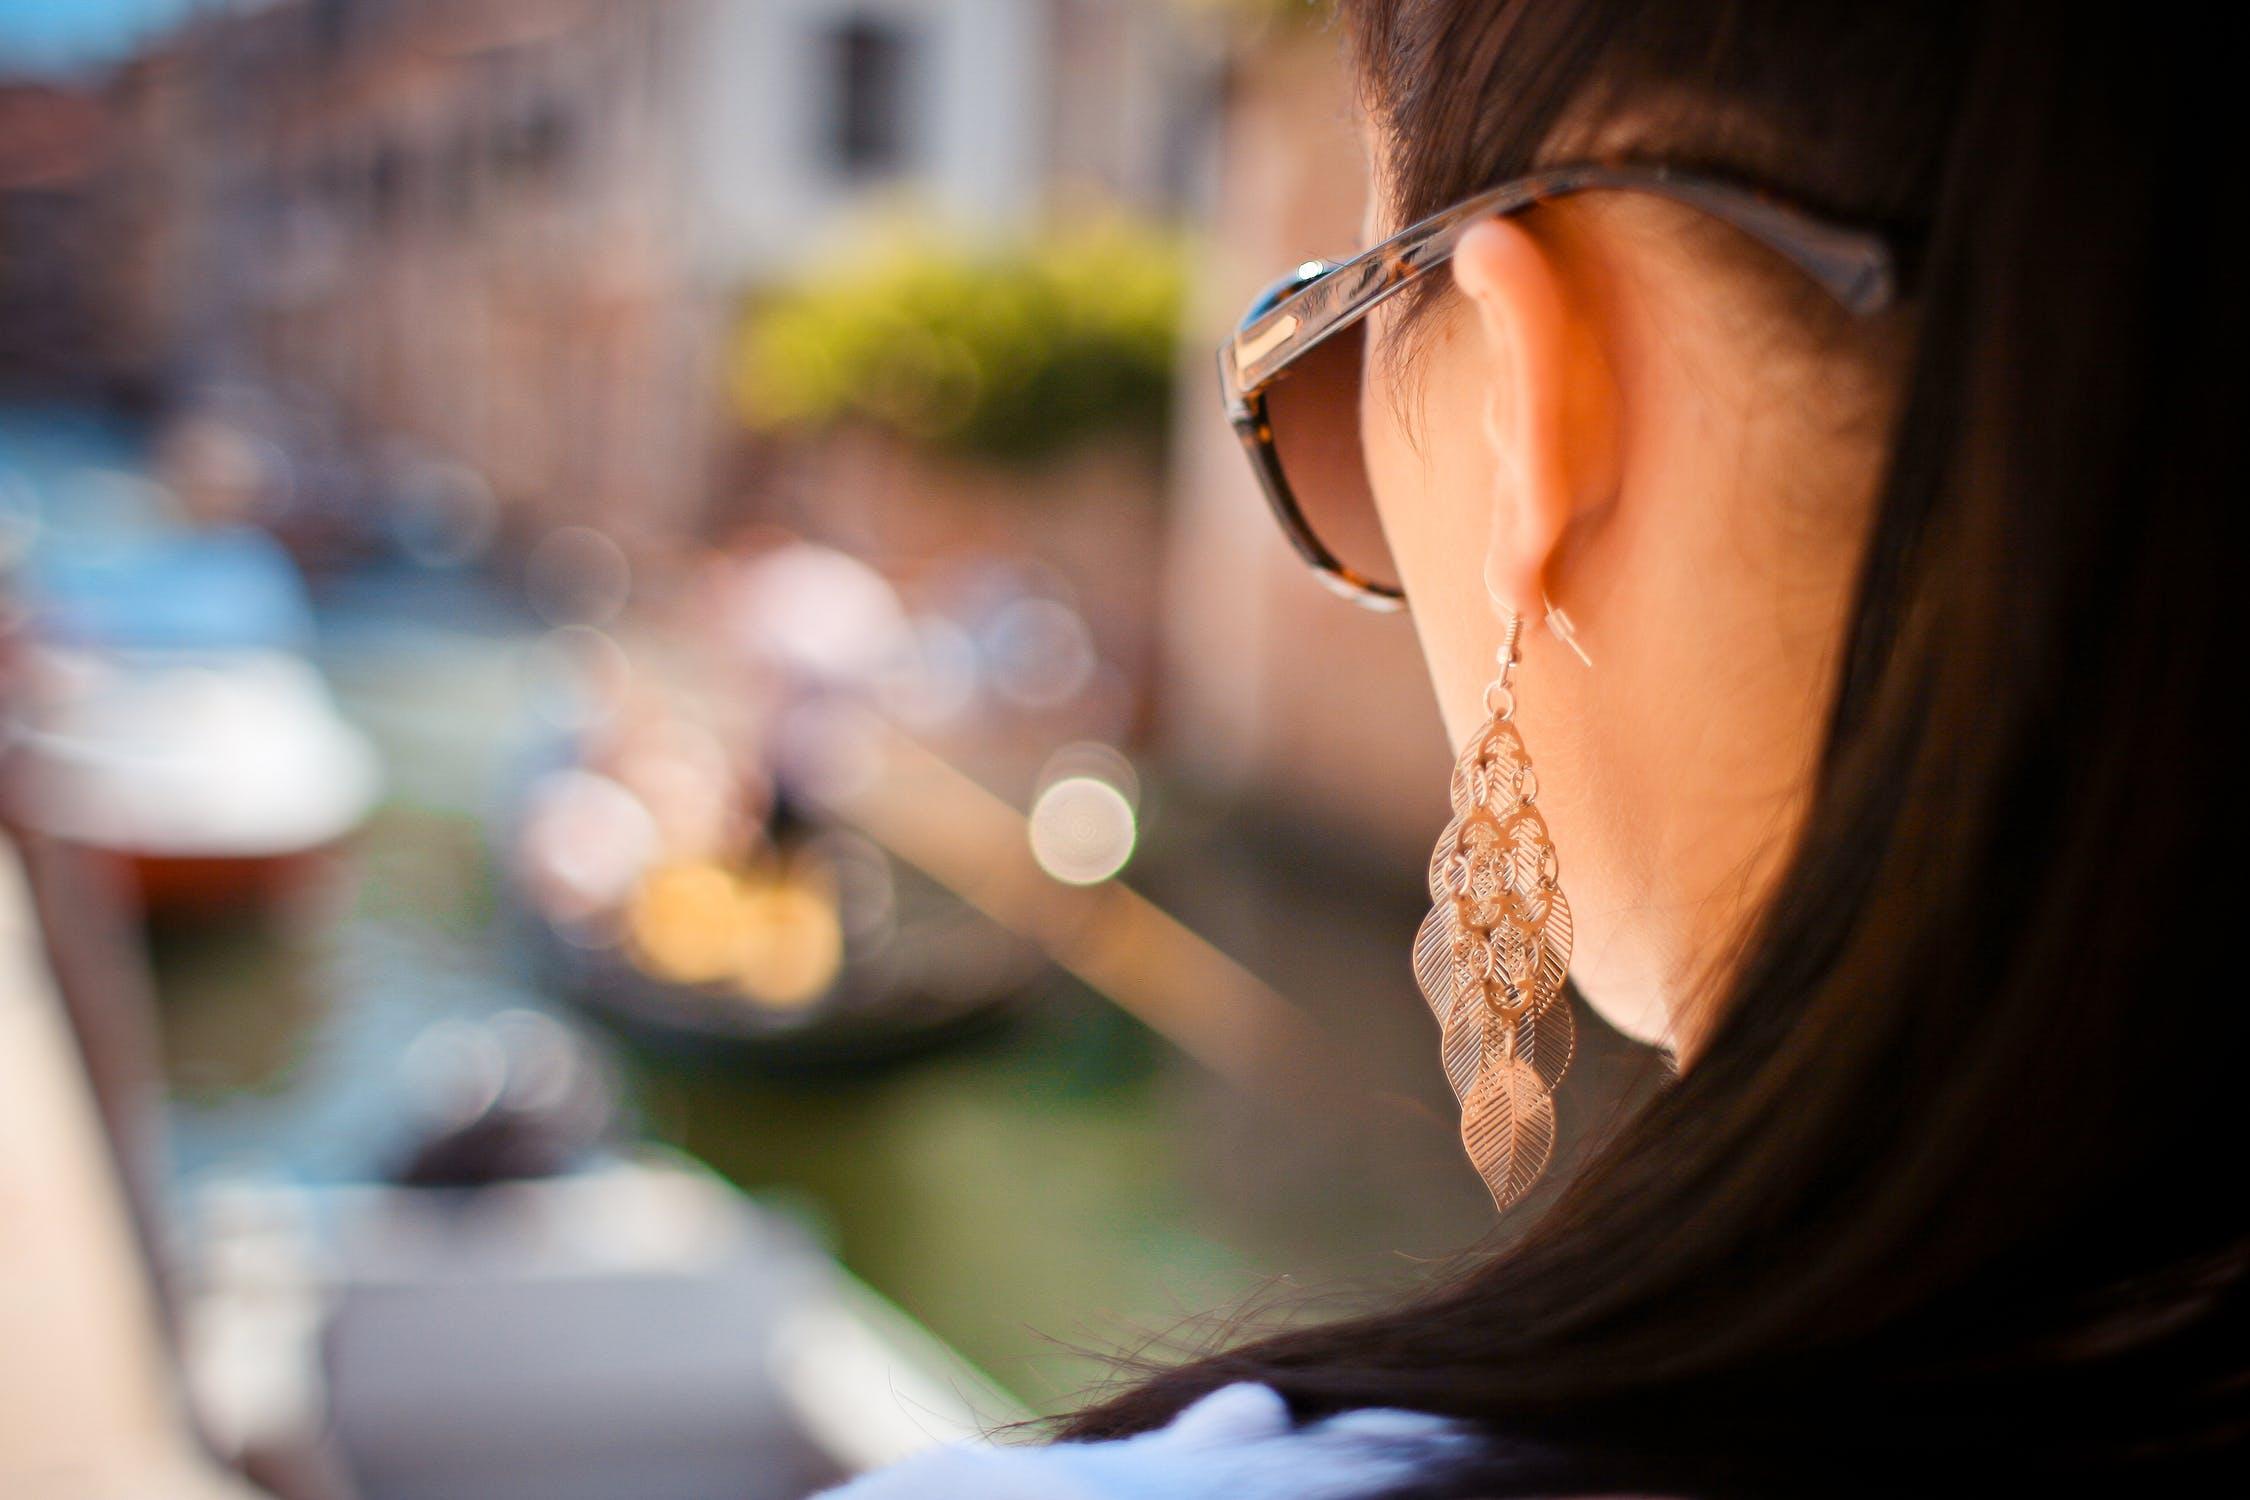 woman-earrings-accesstory